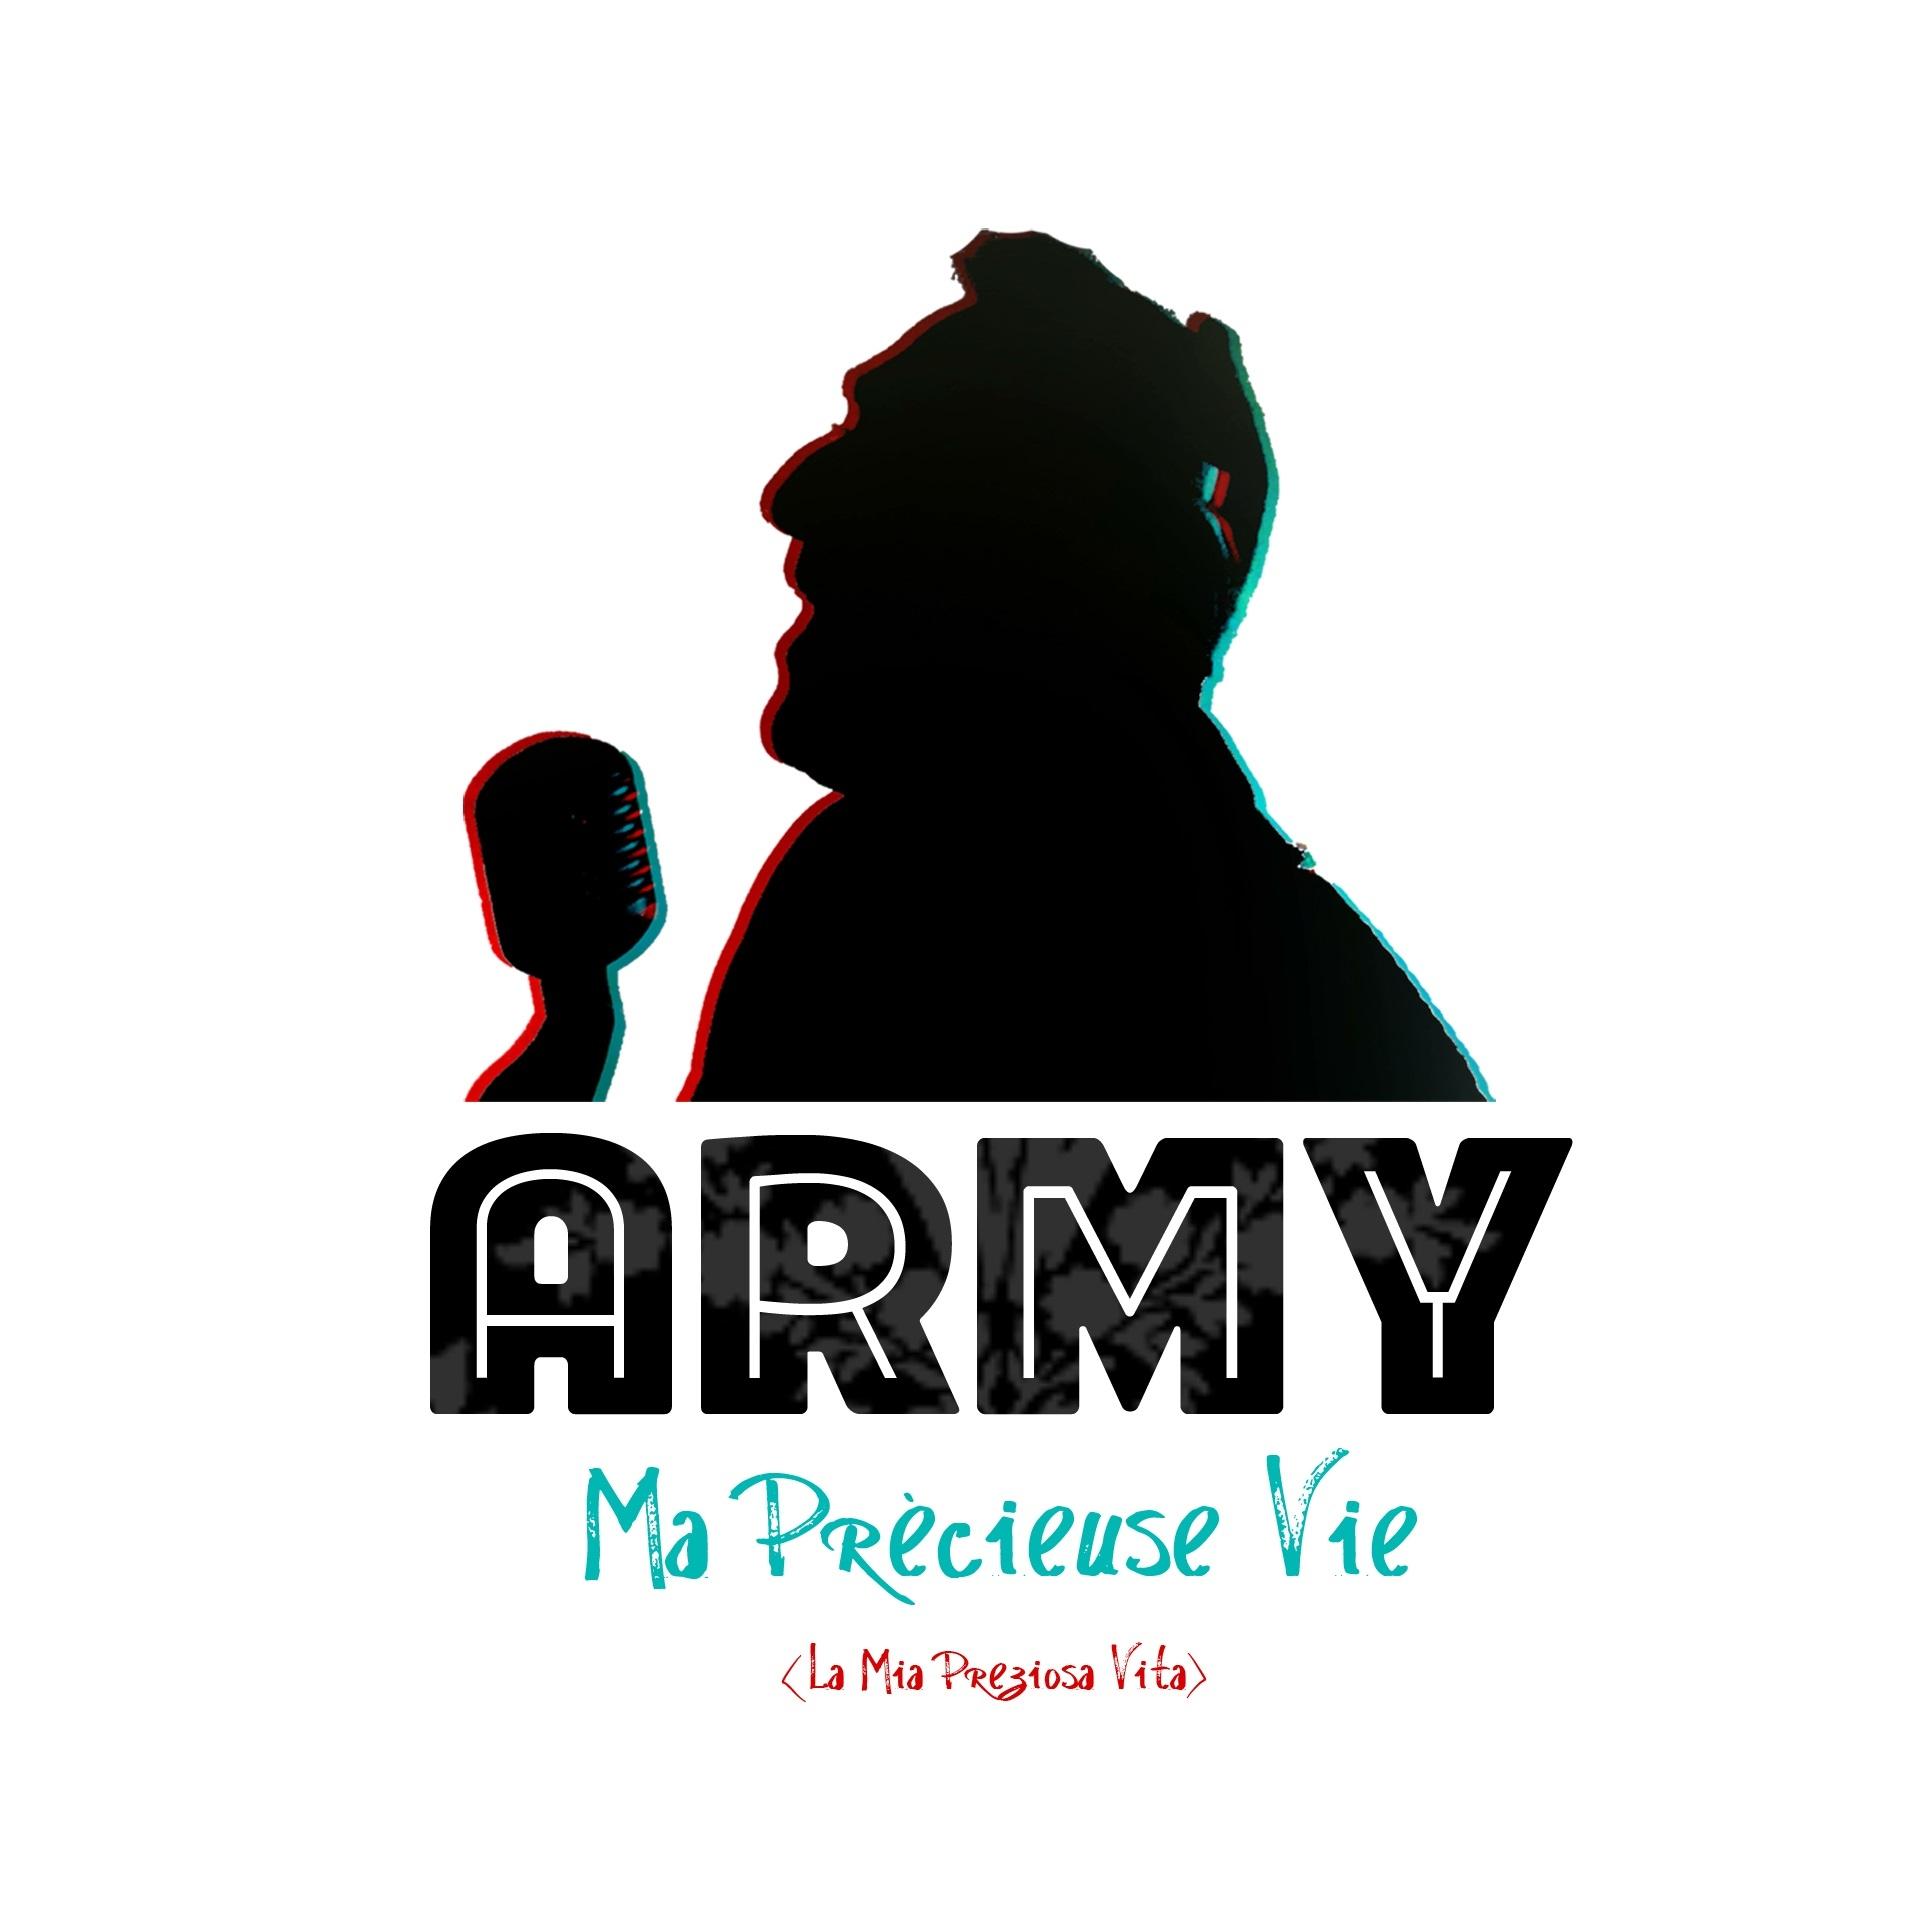 Ma prècieuse vìe: il nuovo Ep di Army